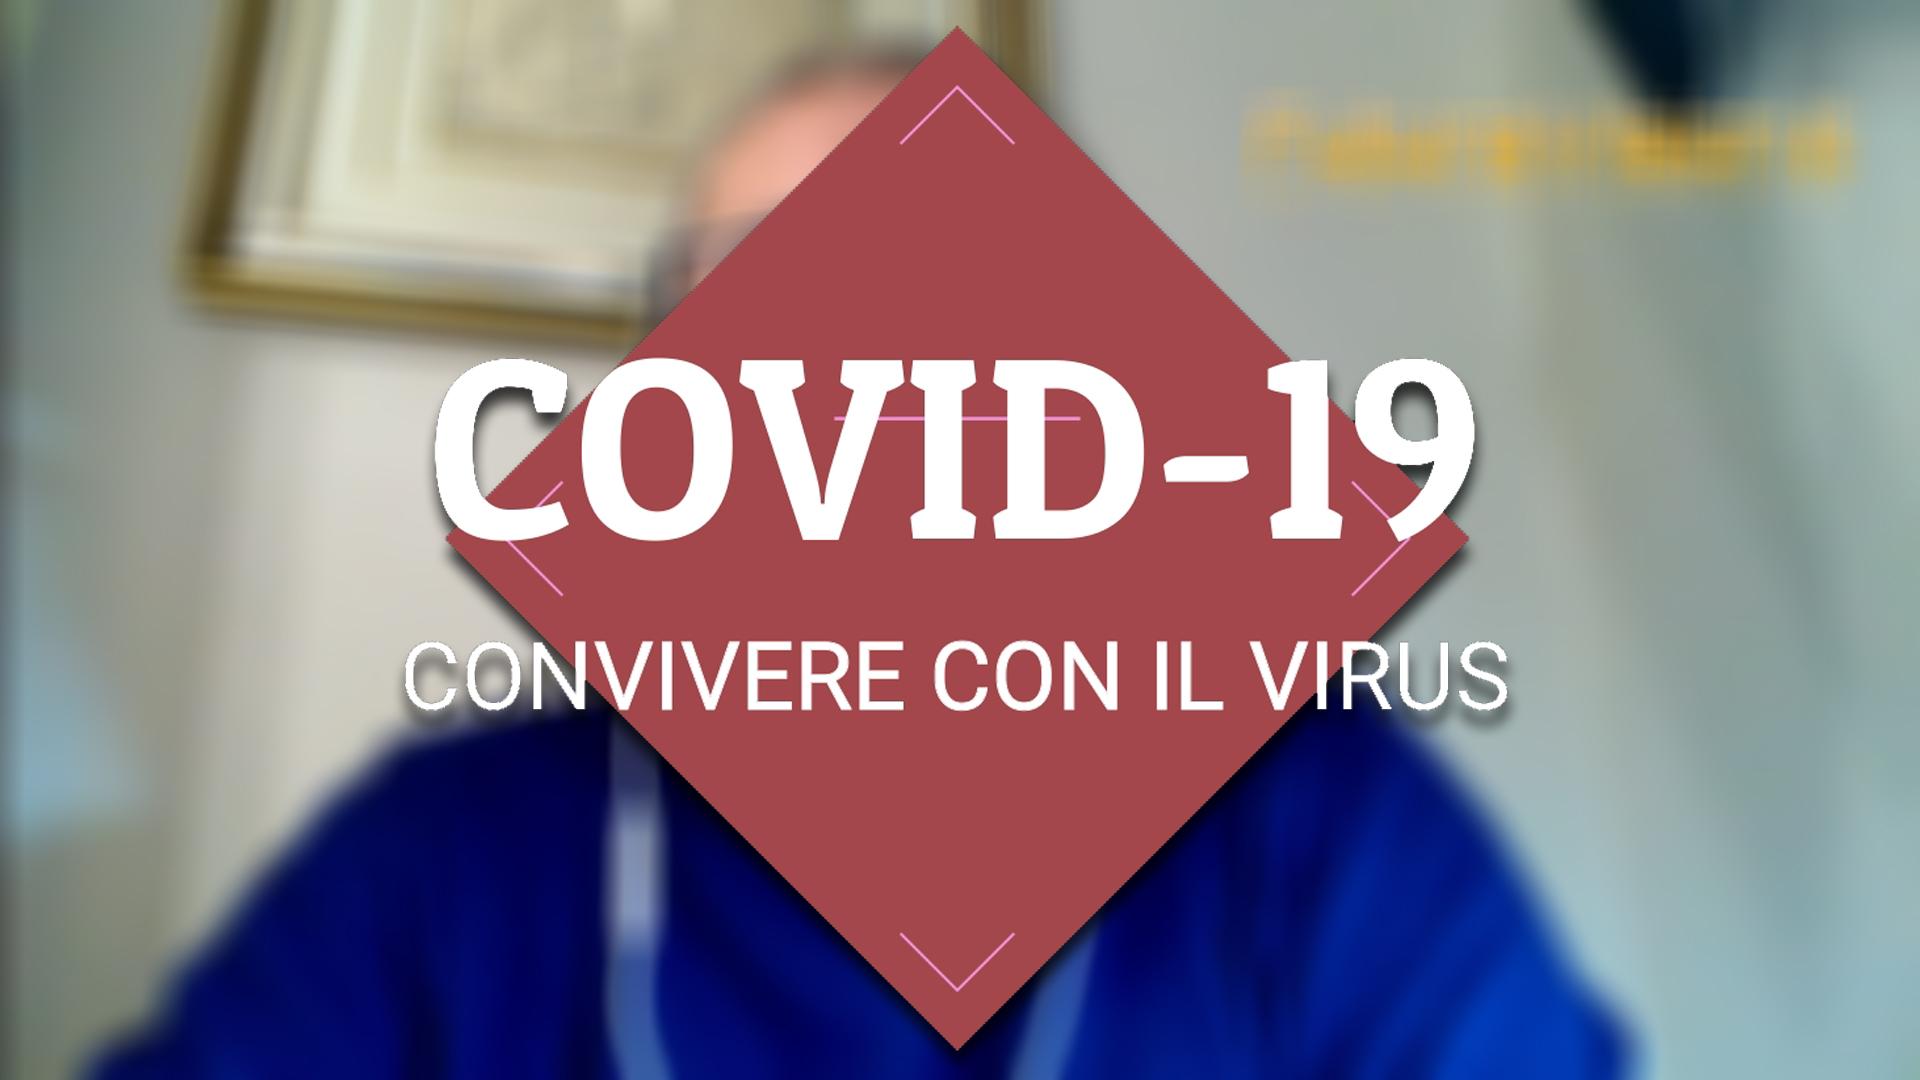 Covid-19, convivere con il virus